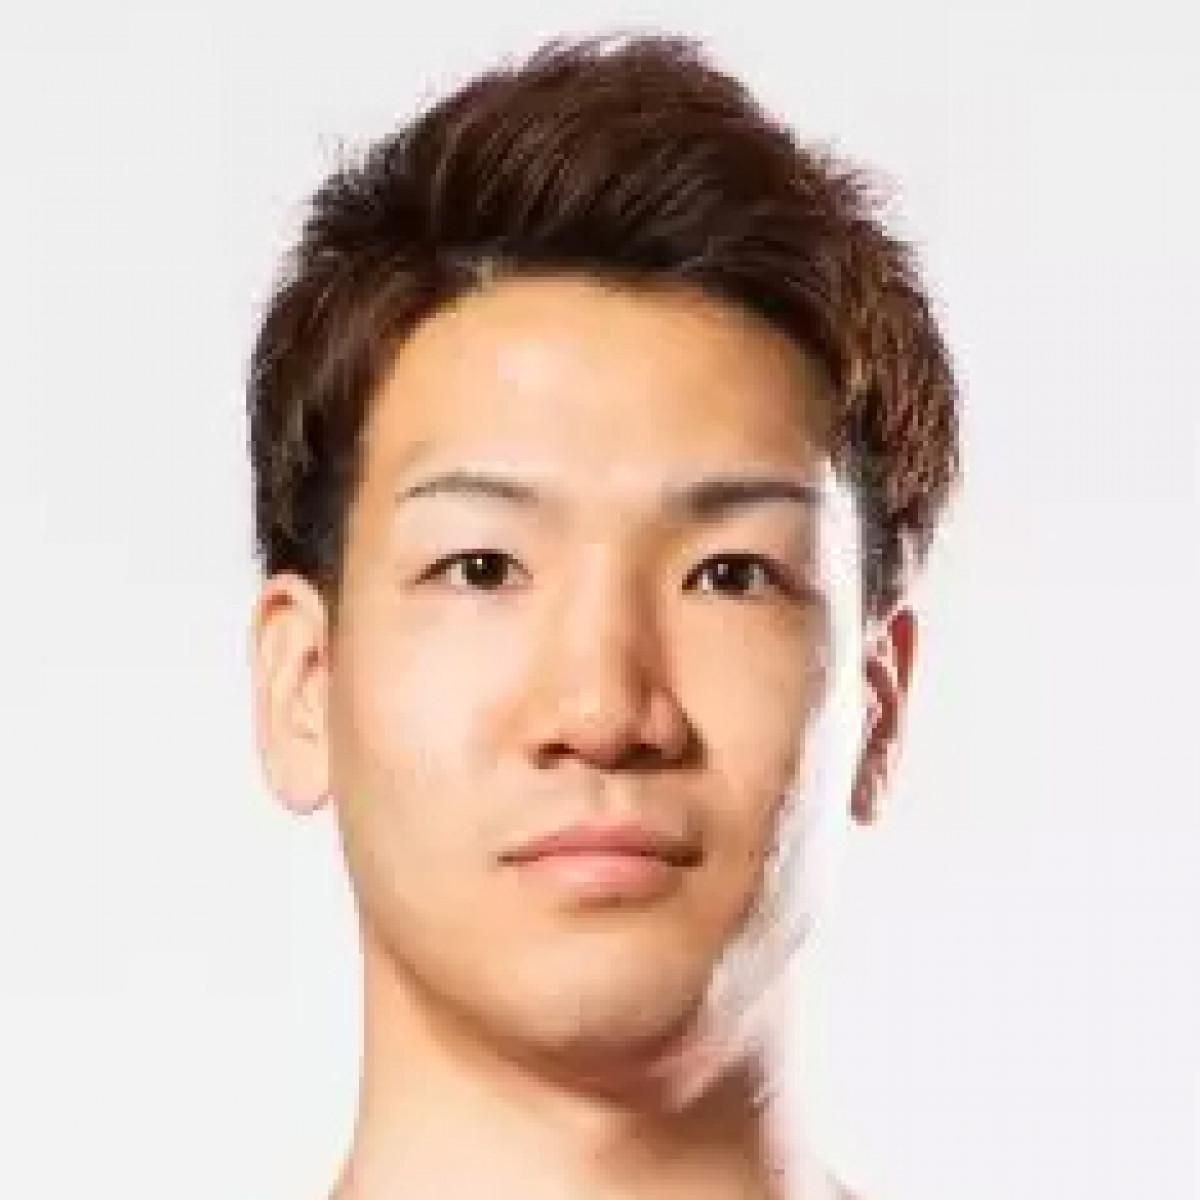 Takaaki Kida